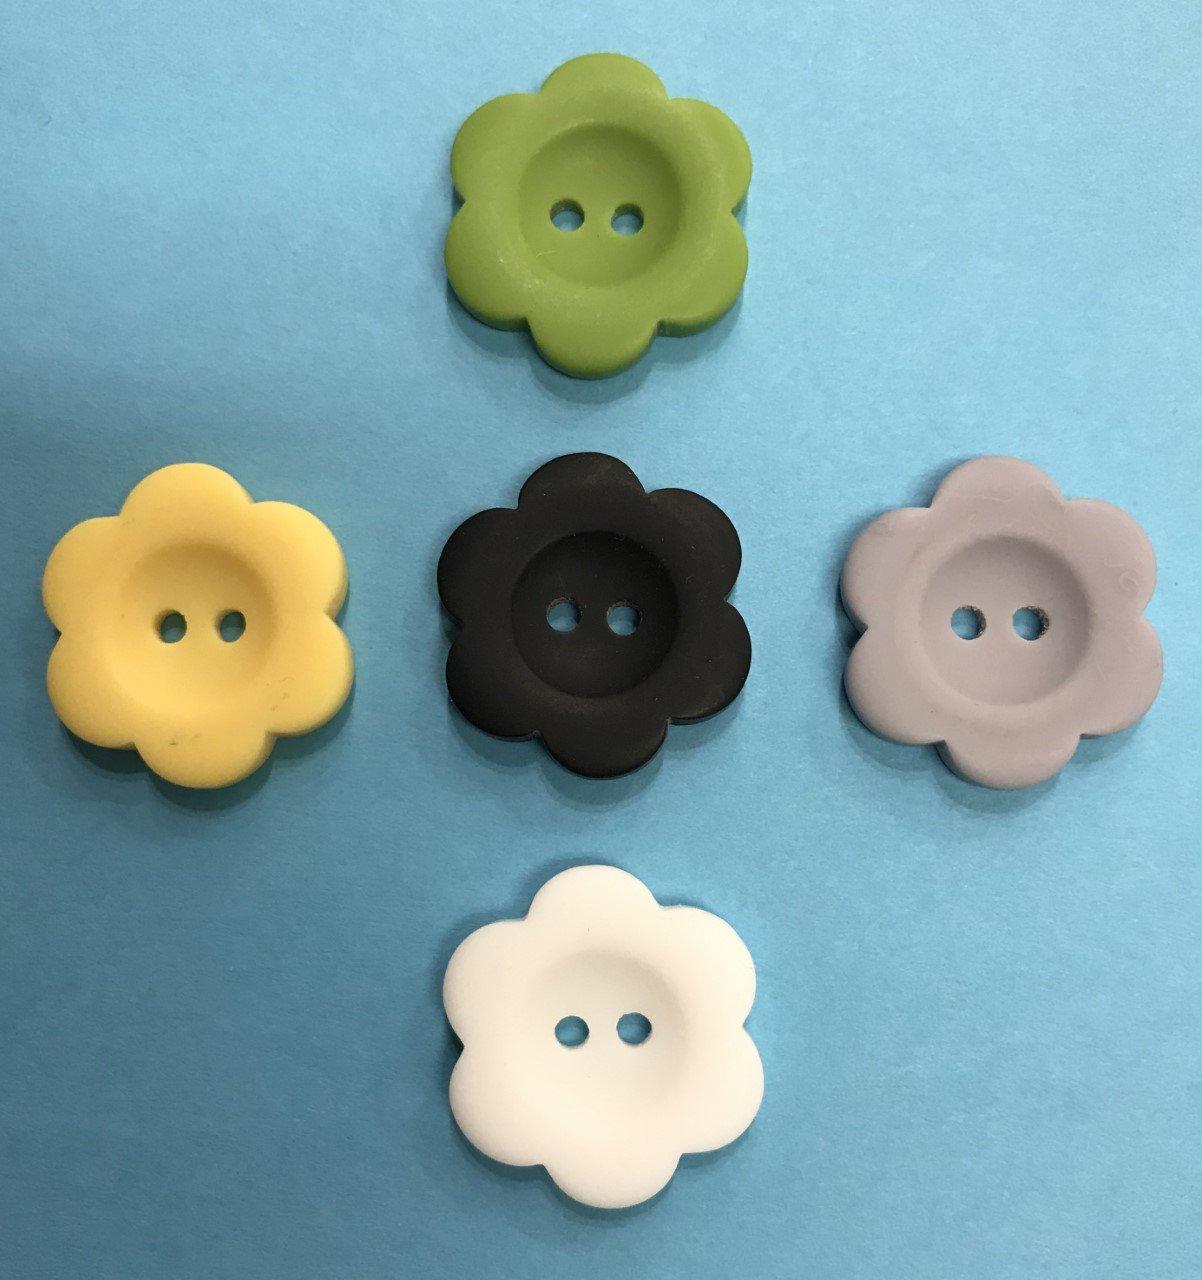 1 Flower Buttons - Matte Finish